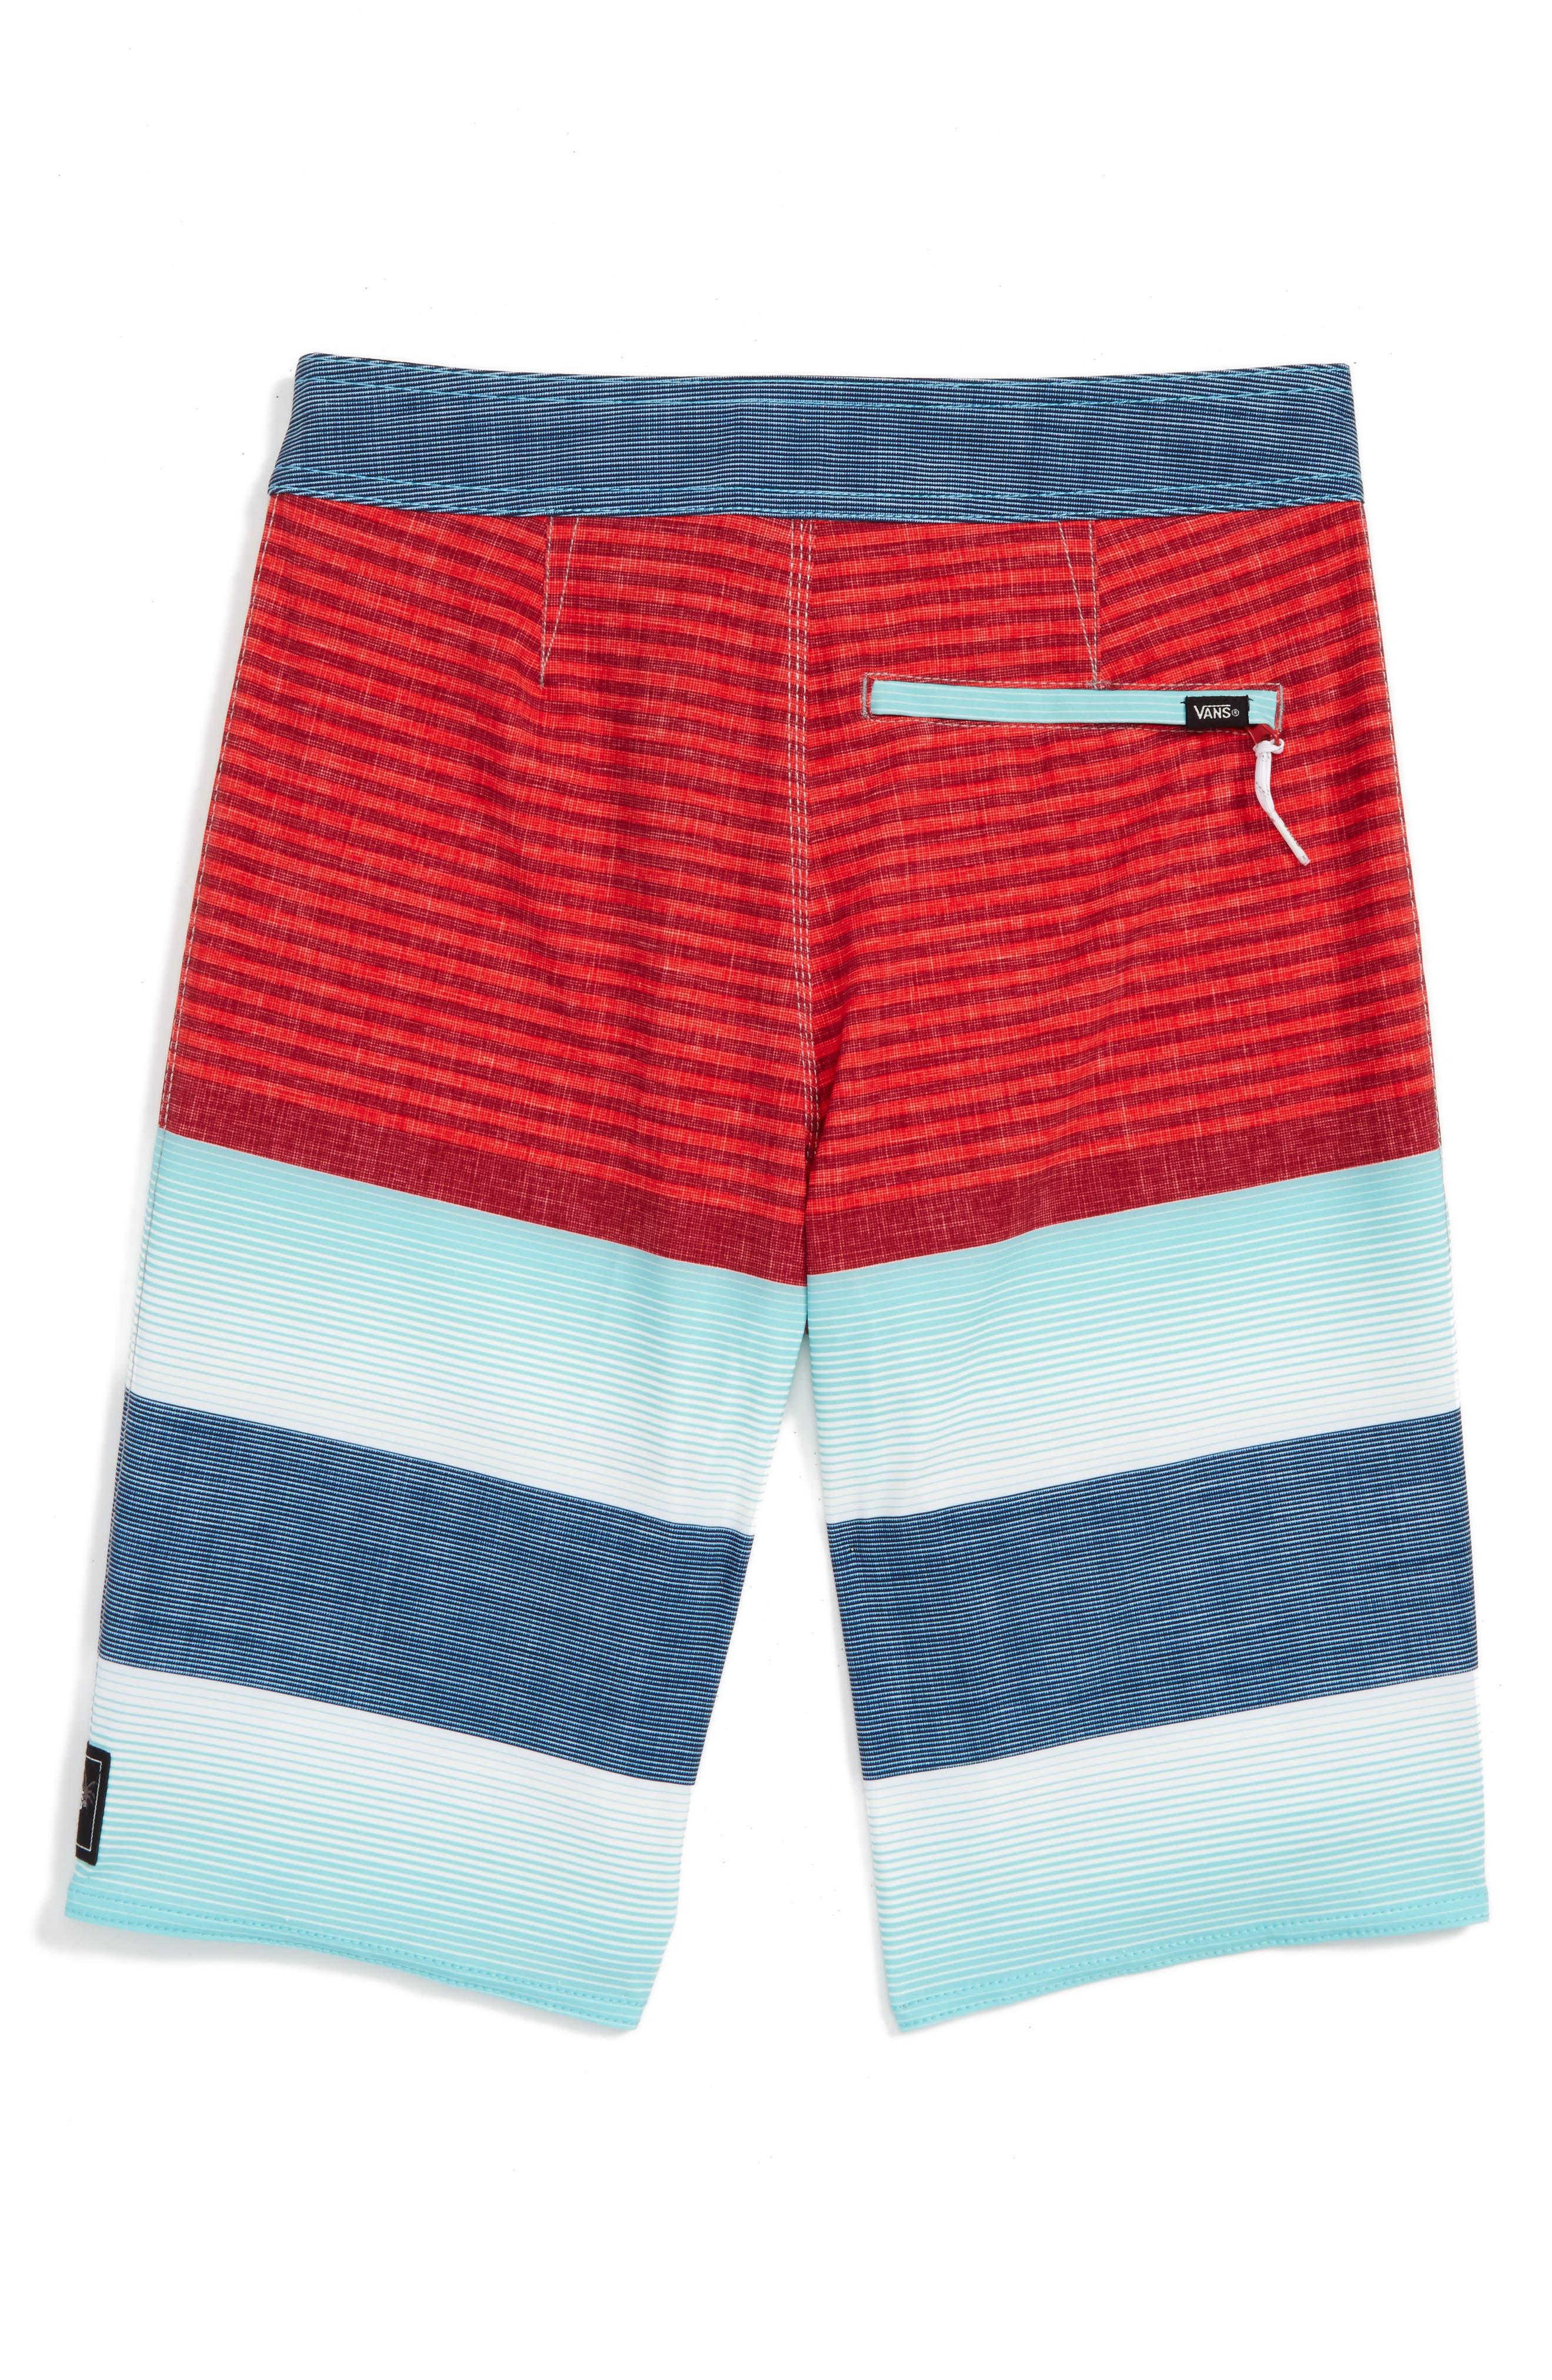 Era Board Shorts,                             Main thumbnail 4, color,